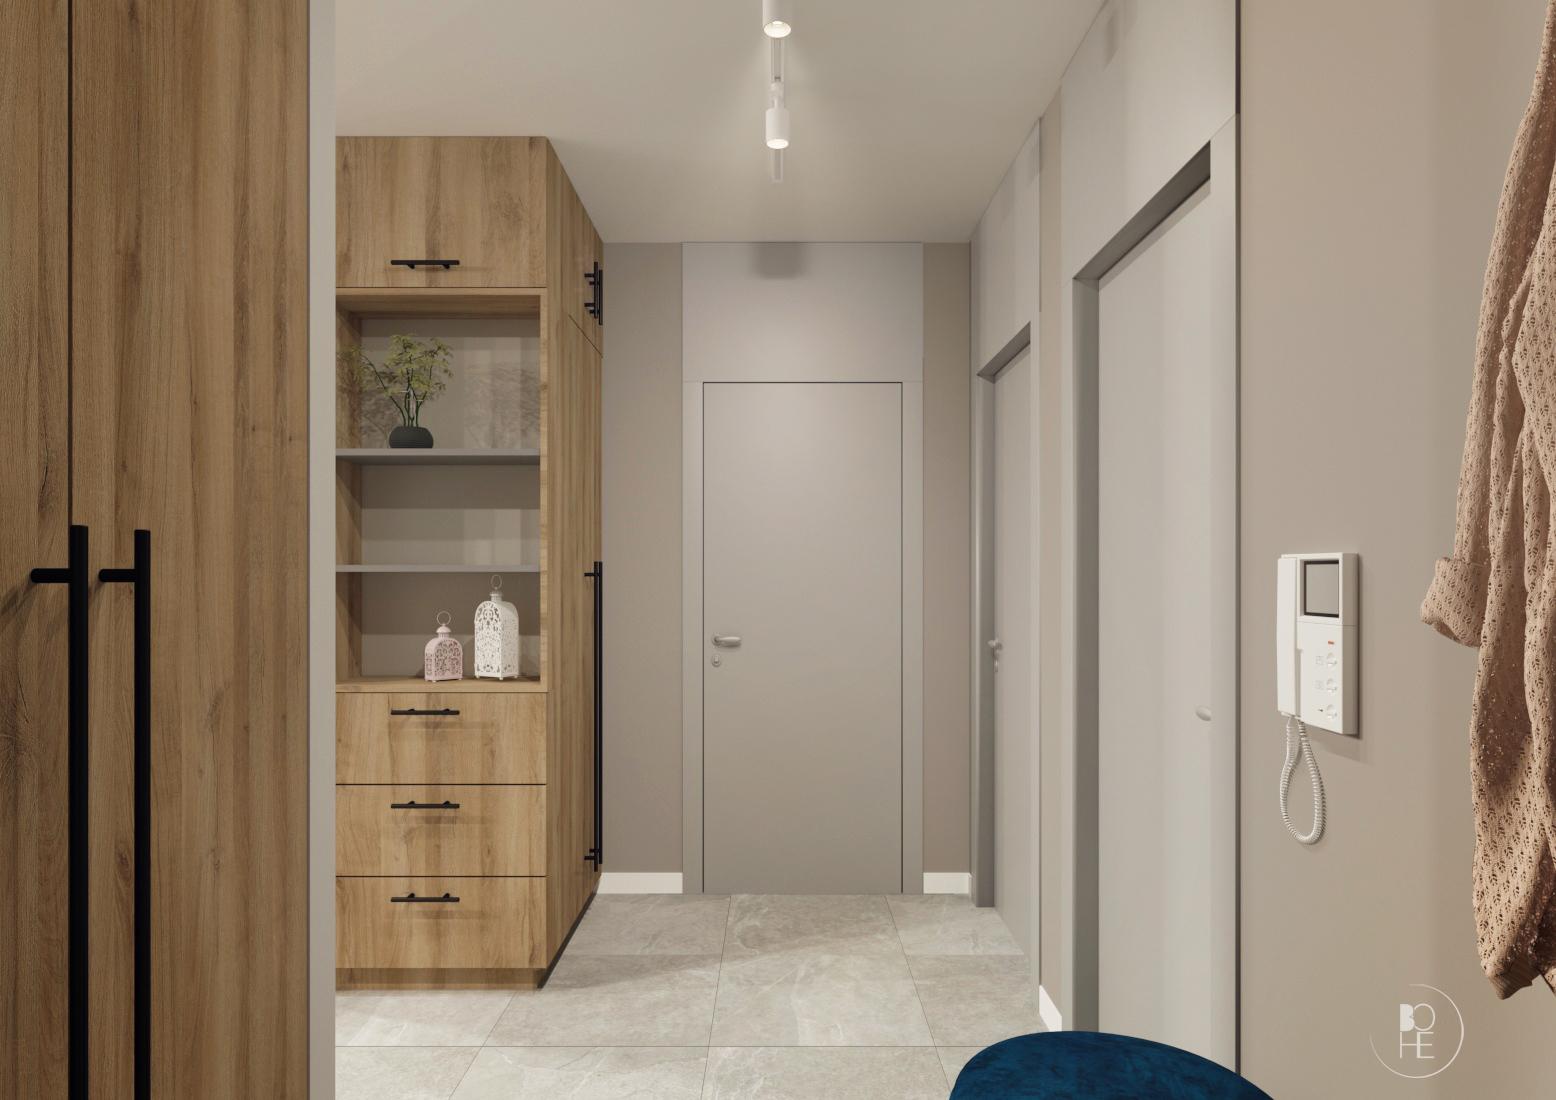 projekt małego korytarza białystok 1